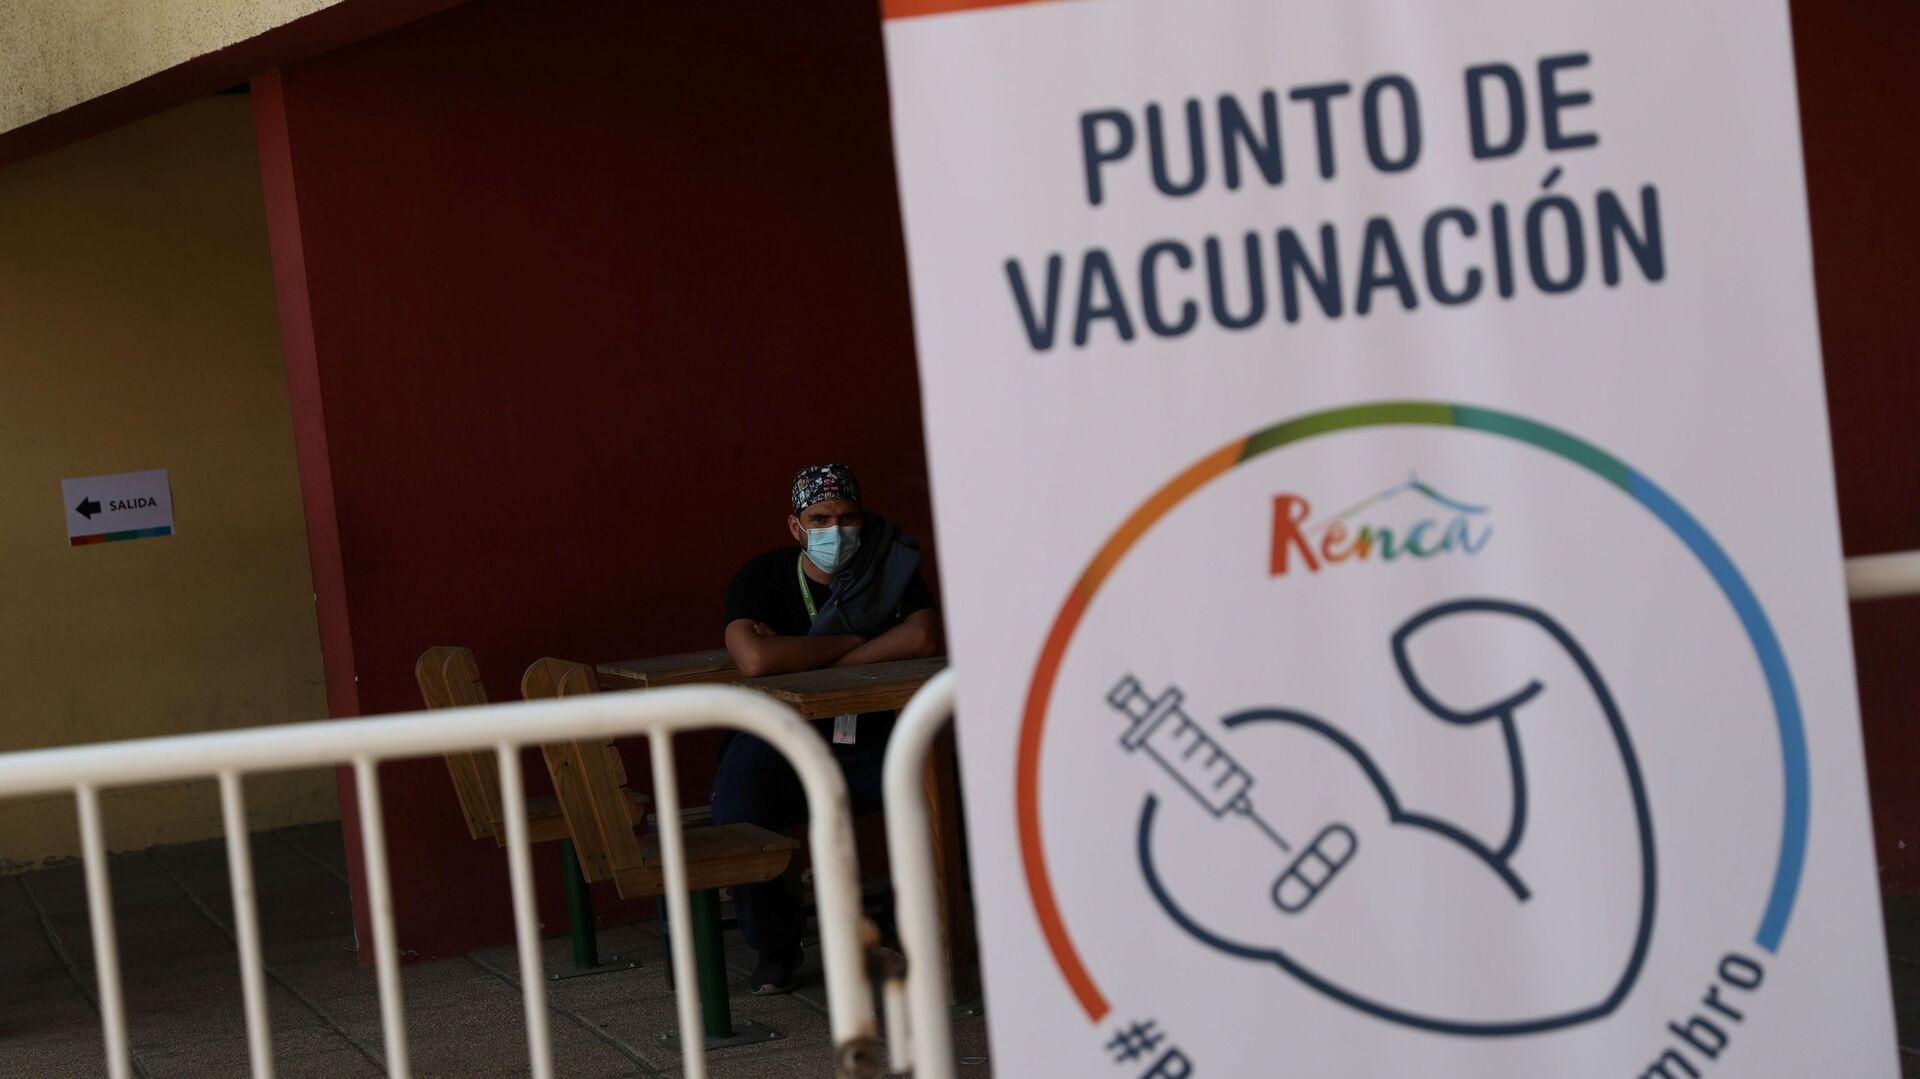 Vacunación en Chile - Sputnik Mundo, 1920, 16.02.2021